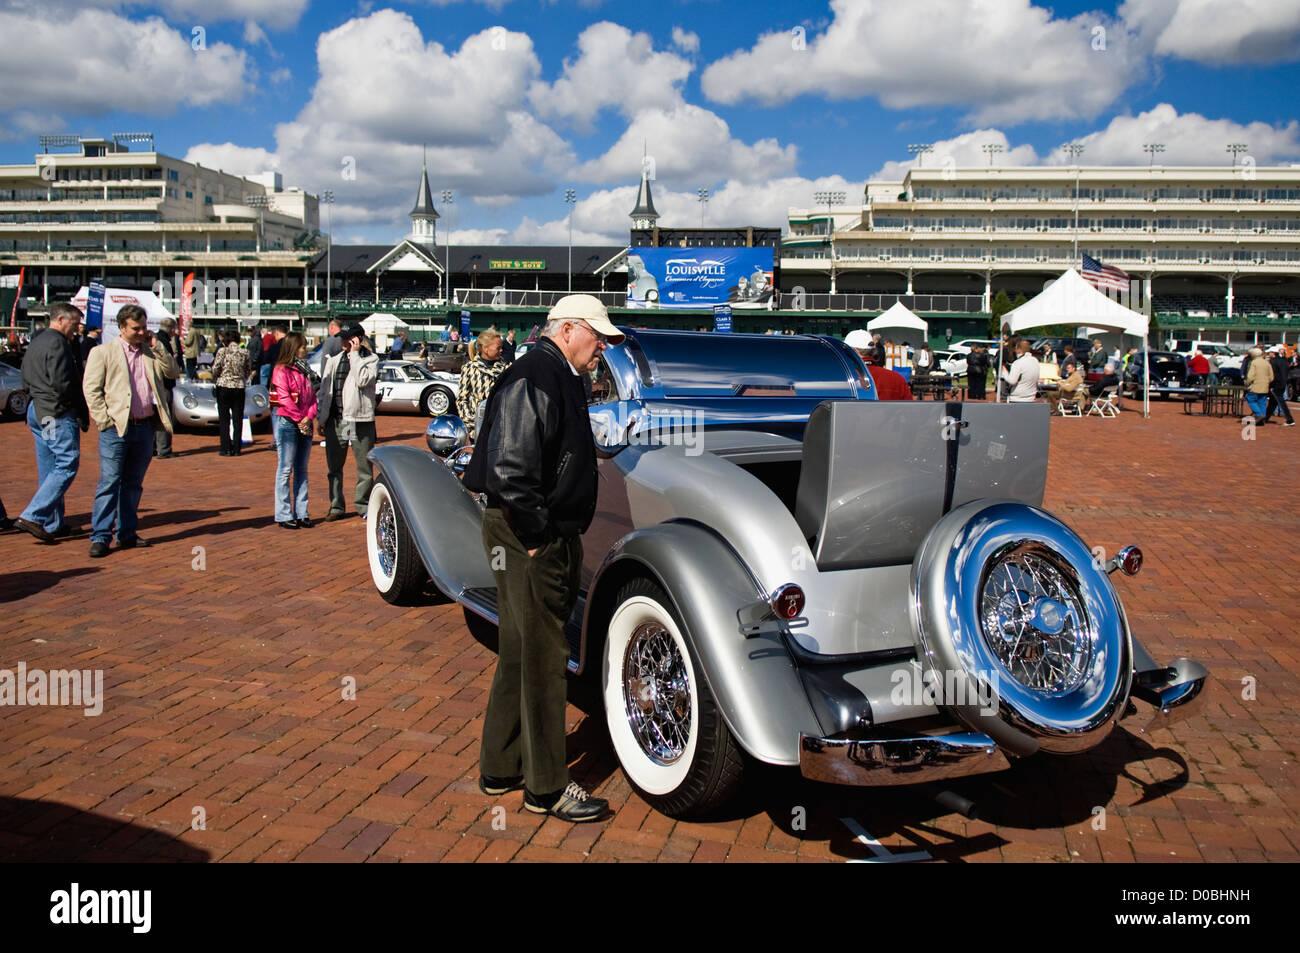 Vintage Automobile Stock Photos & Vintage Automobile Stock Images ...